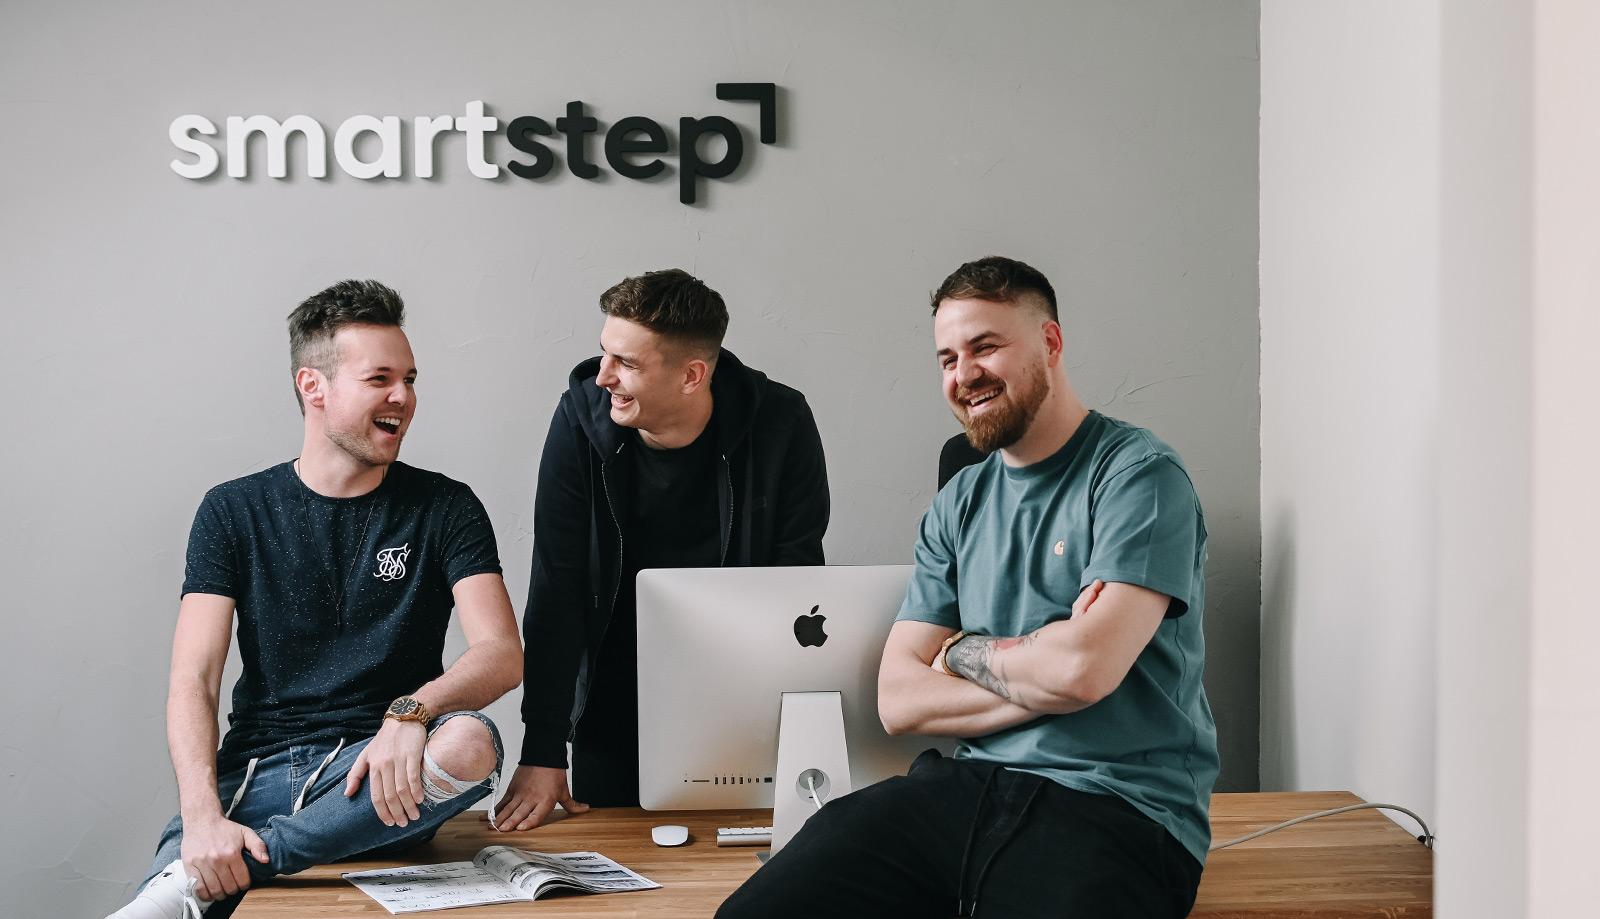 smartstep-kancl-web